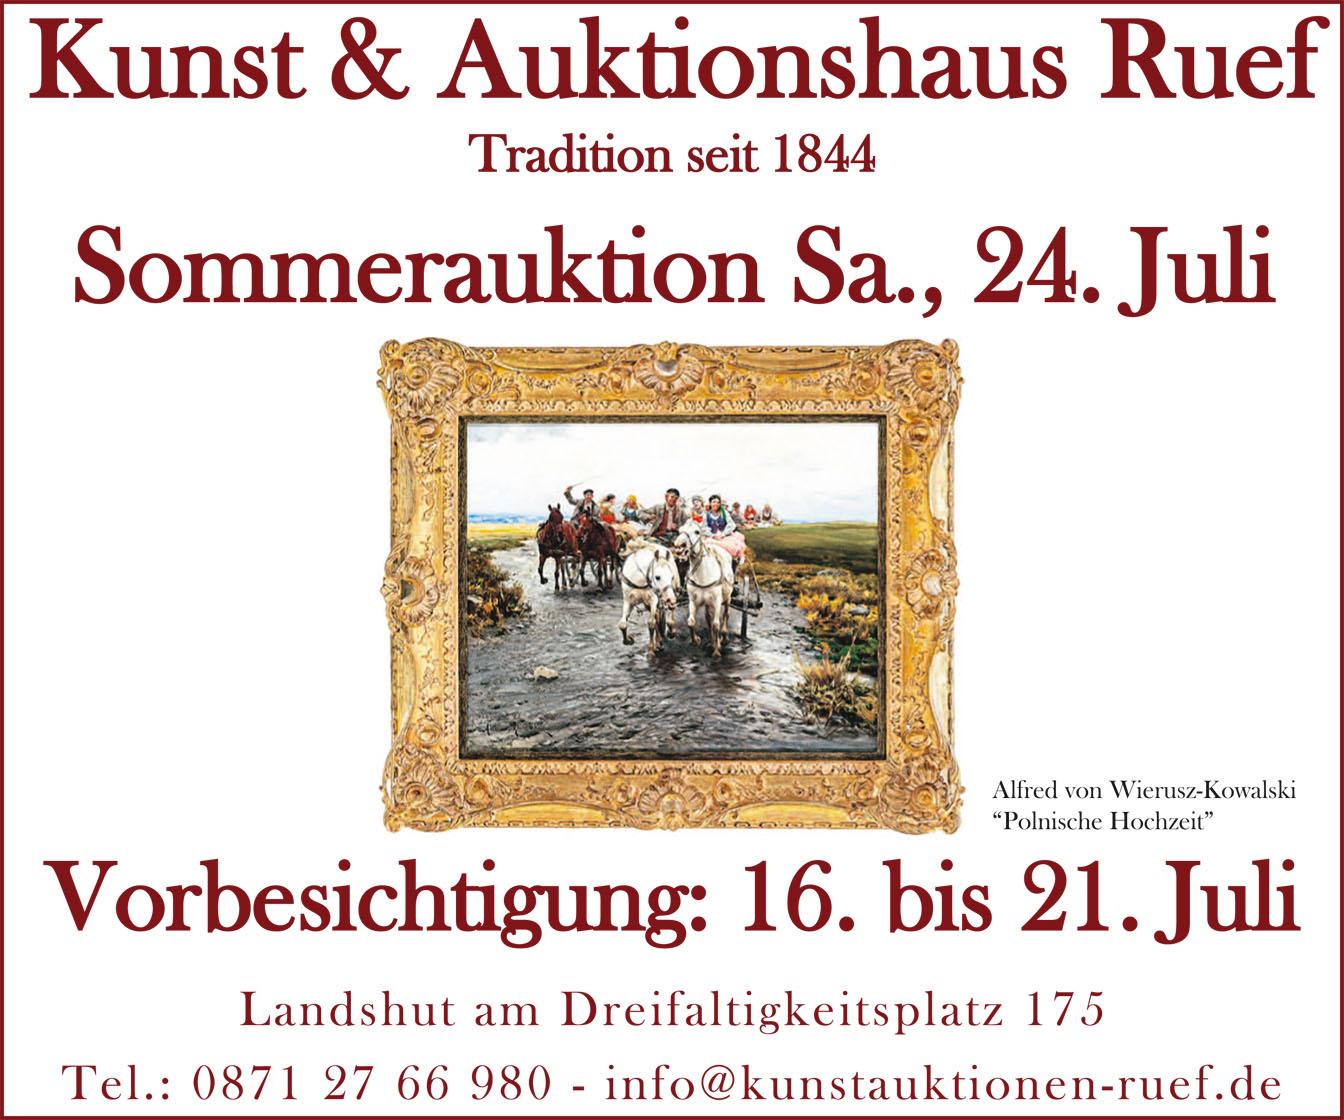 Kunst & Auktionshaus Ruef Landshut